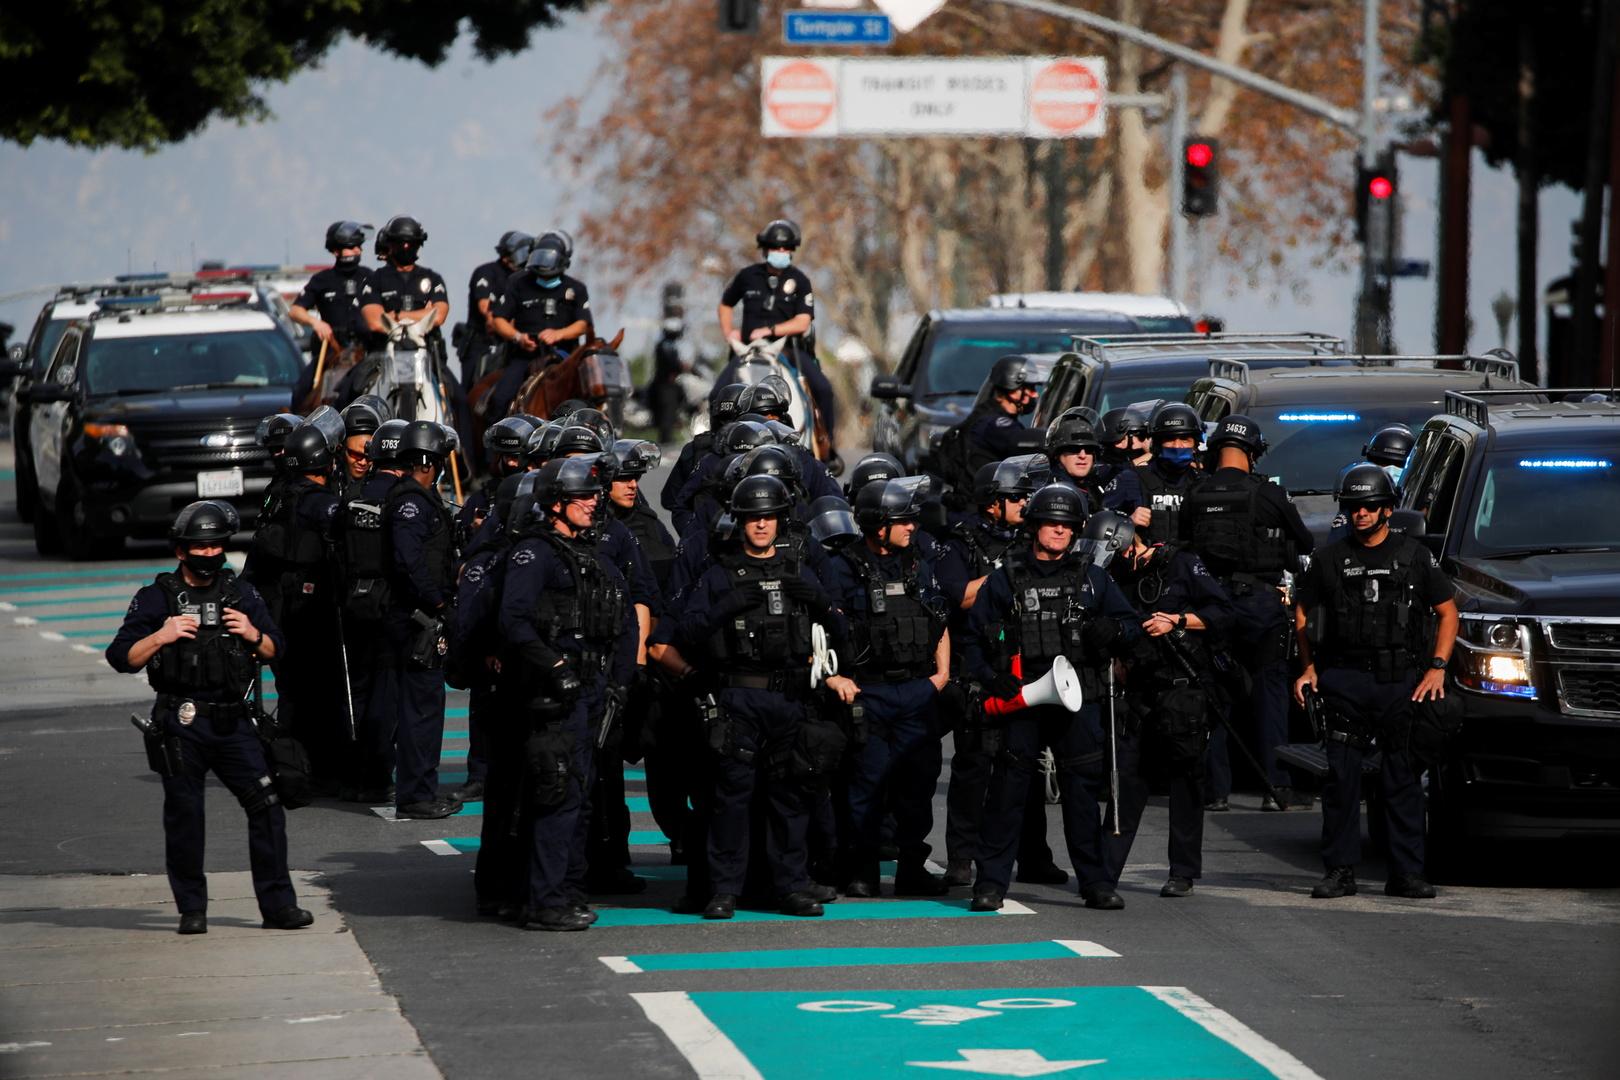 عناصر شرطو في لوس أنجلوس